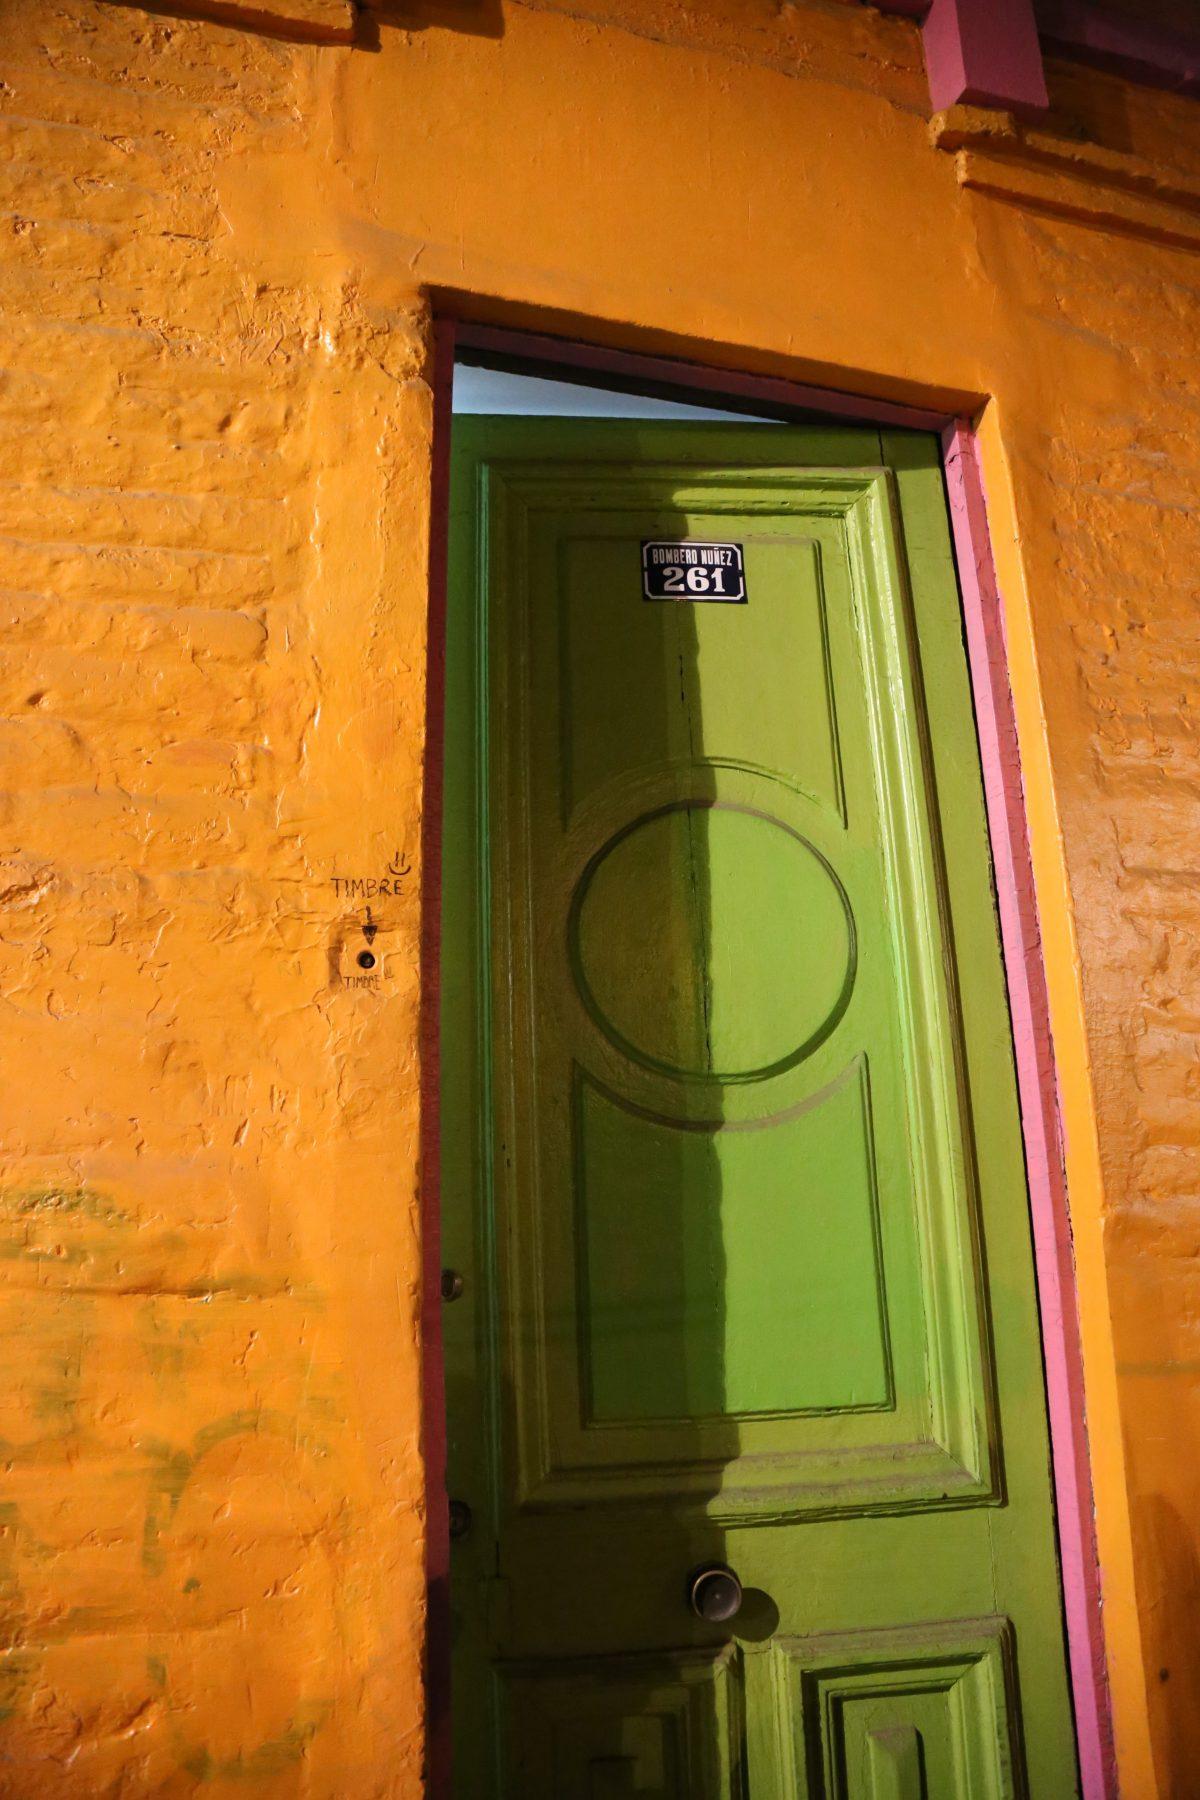 דלת הכניסה לבית הספר לבישול